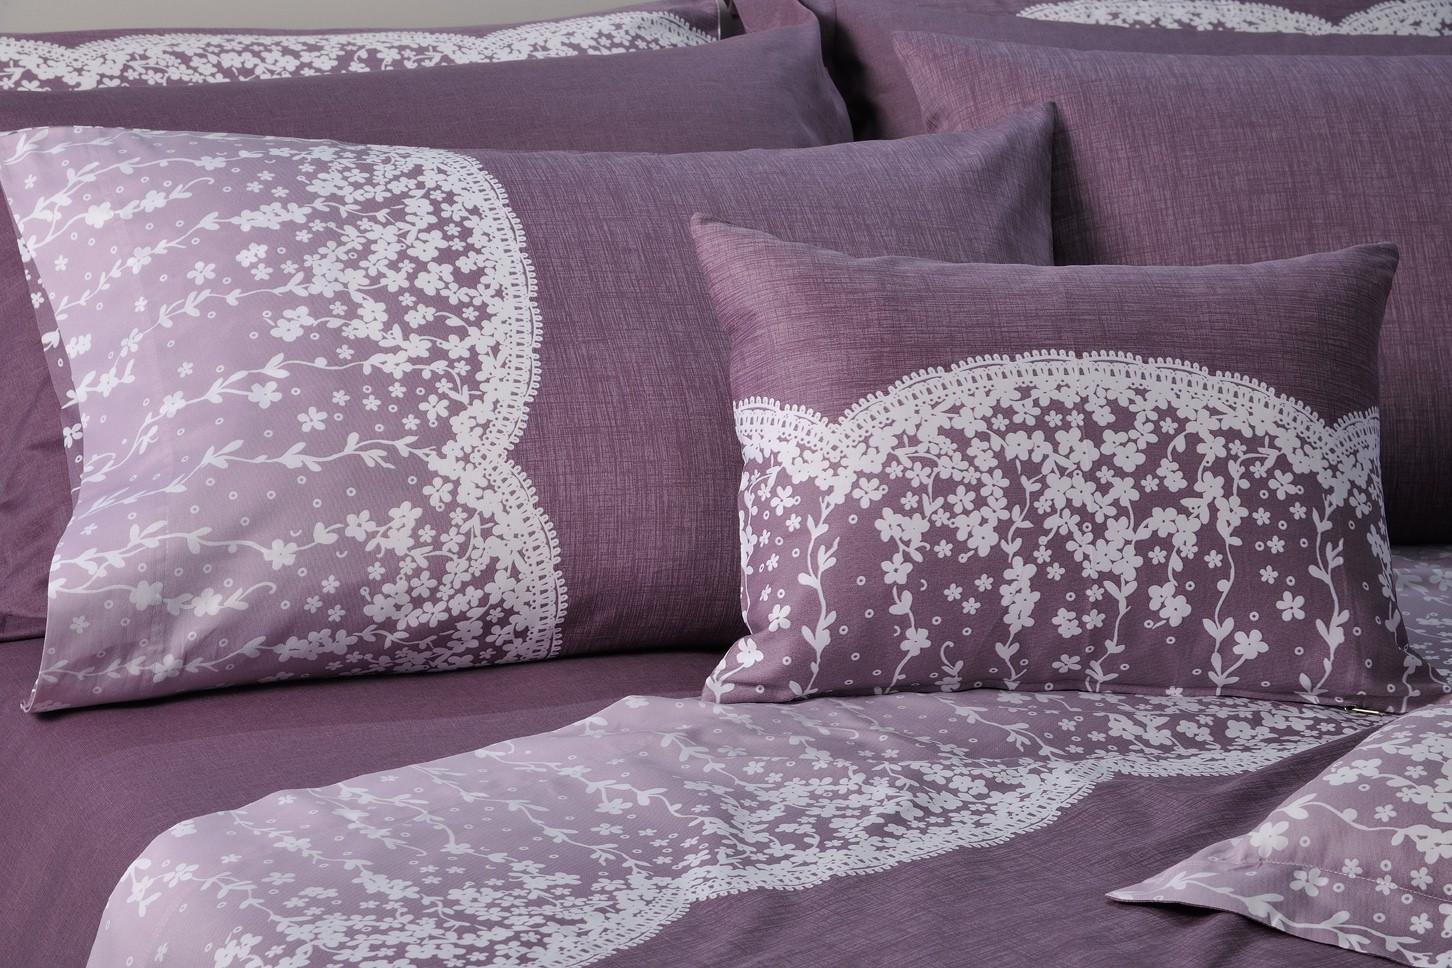 Σεντόνια Μονά (Σετ) Down Town Lace Purple S 622